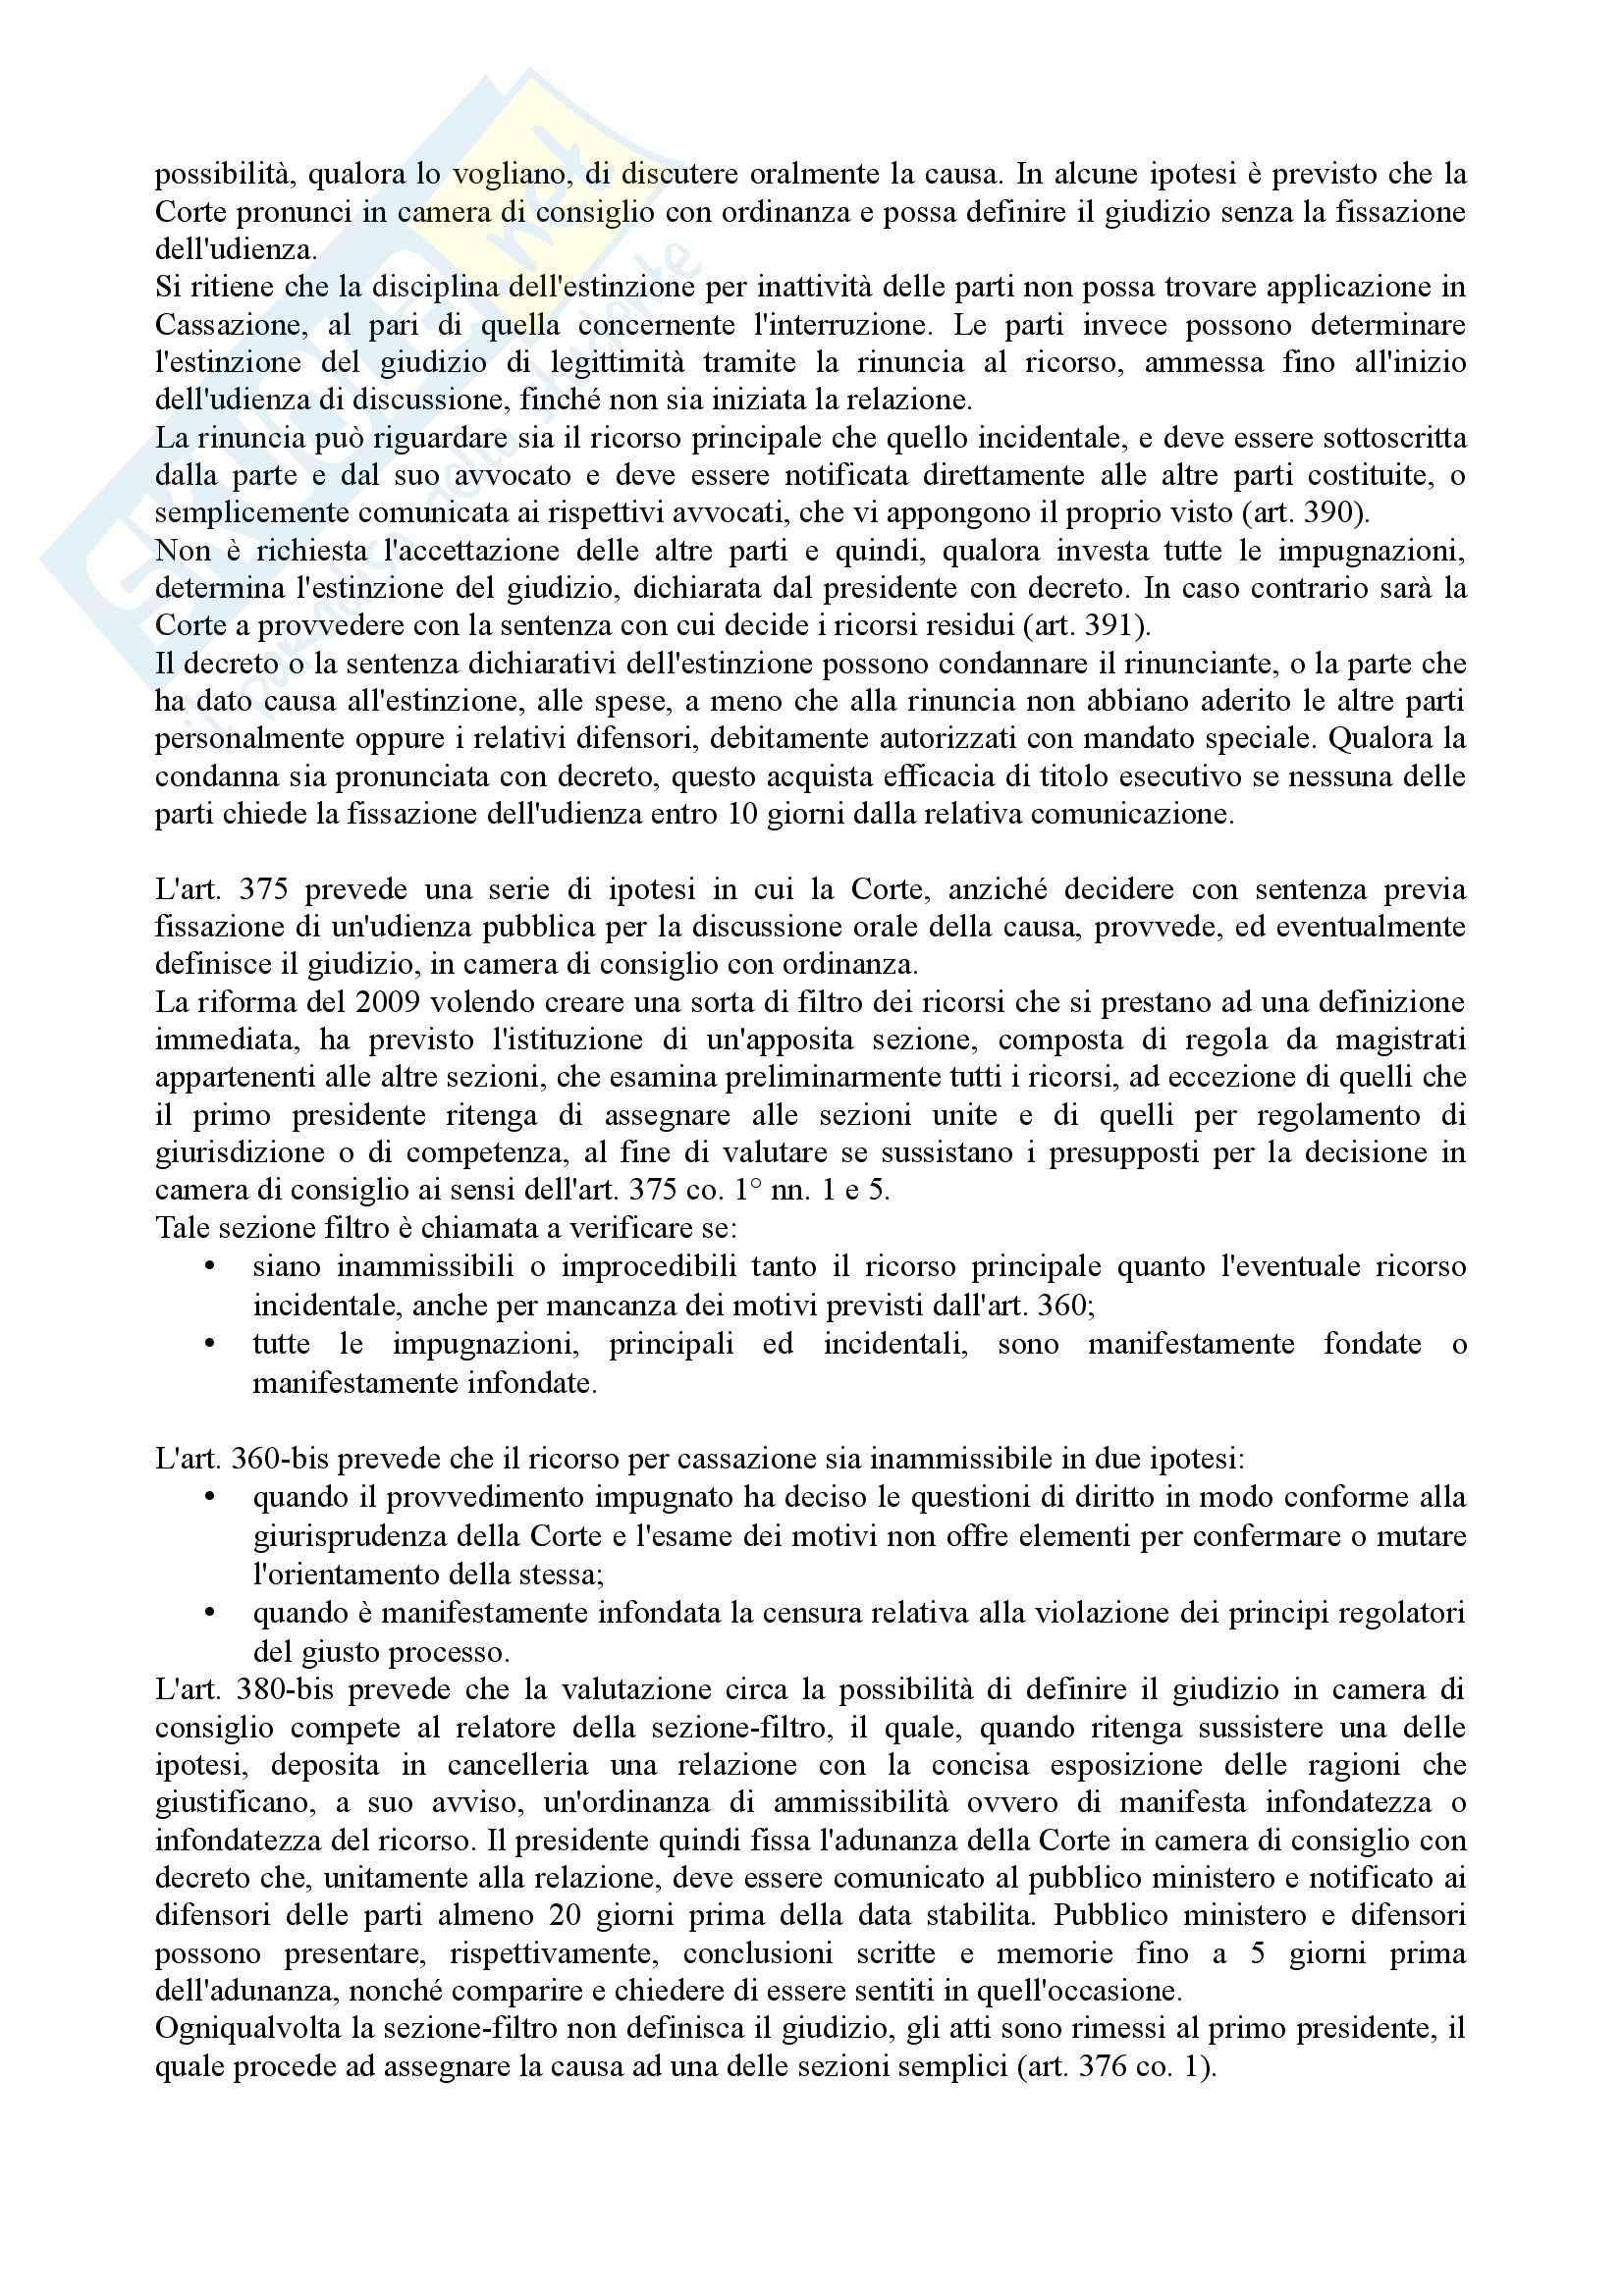 Istituzioni di diritto processuale civile - Balena - Riassunto esame Pag. 71